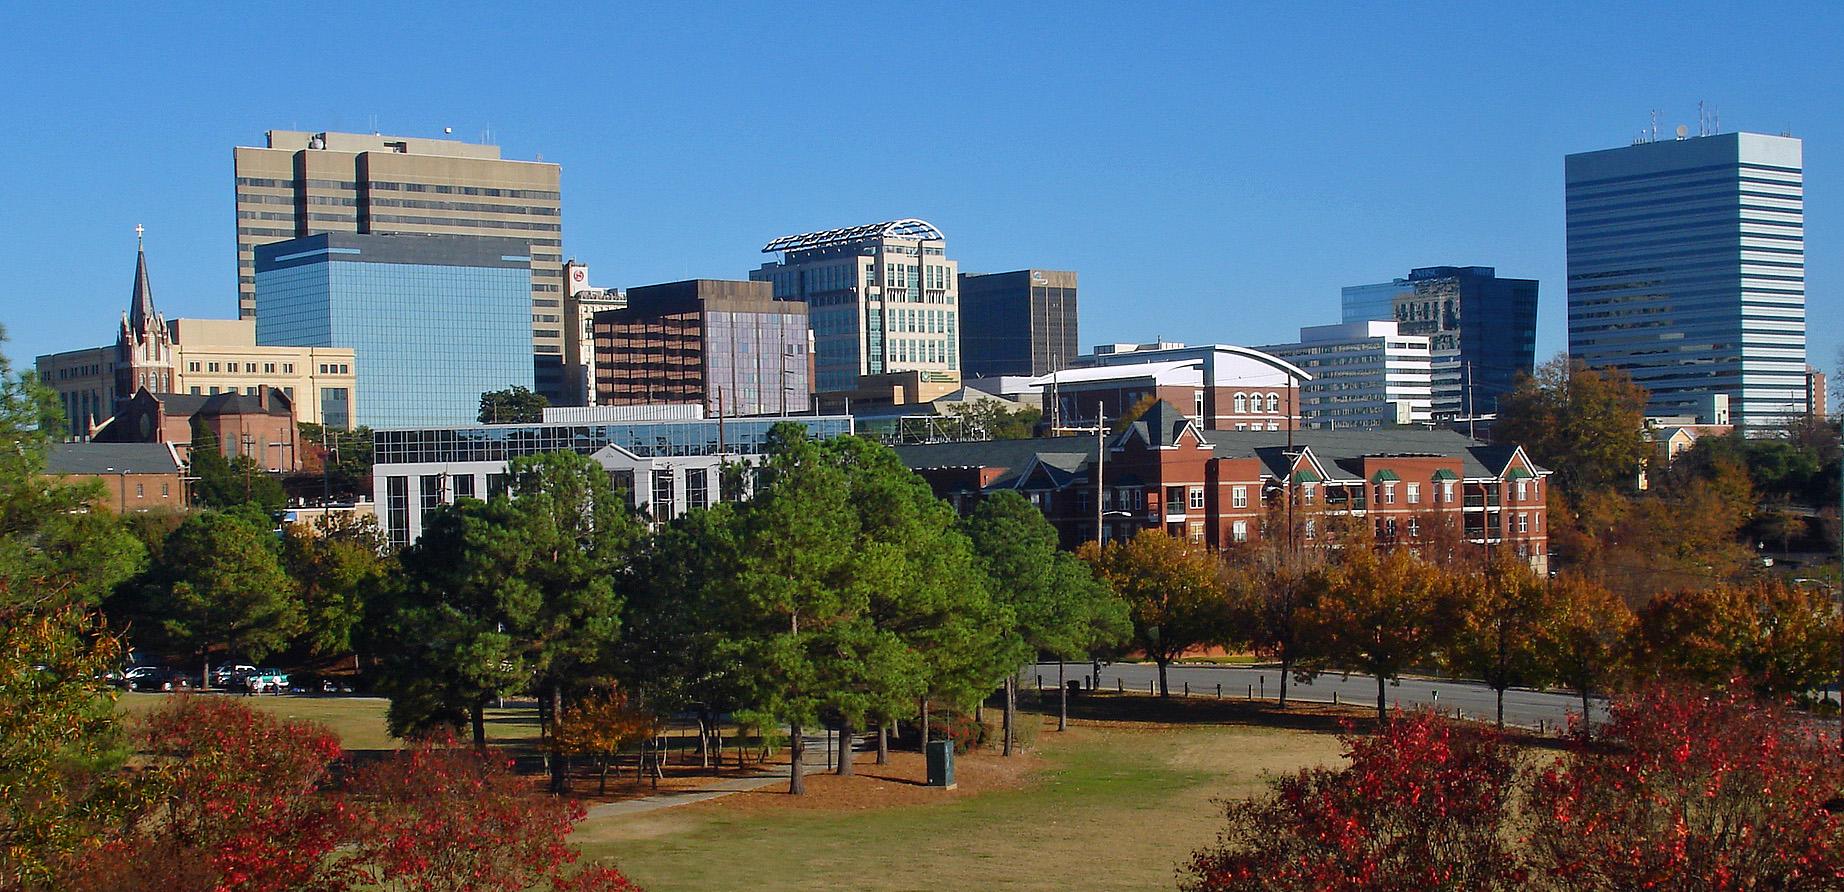 Downtown Lexington South Carolina